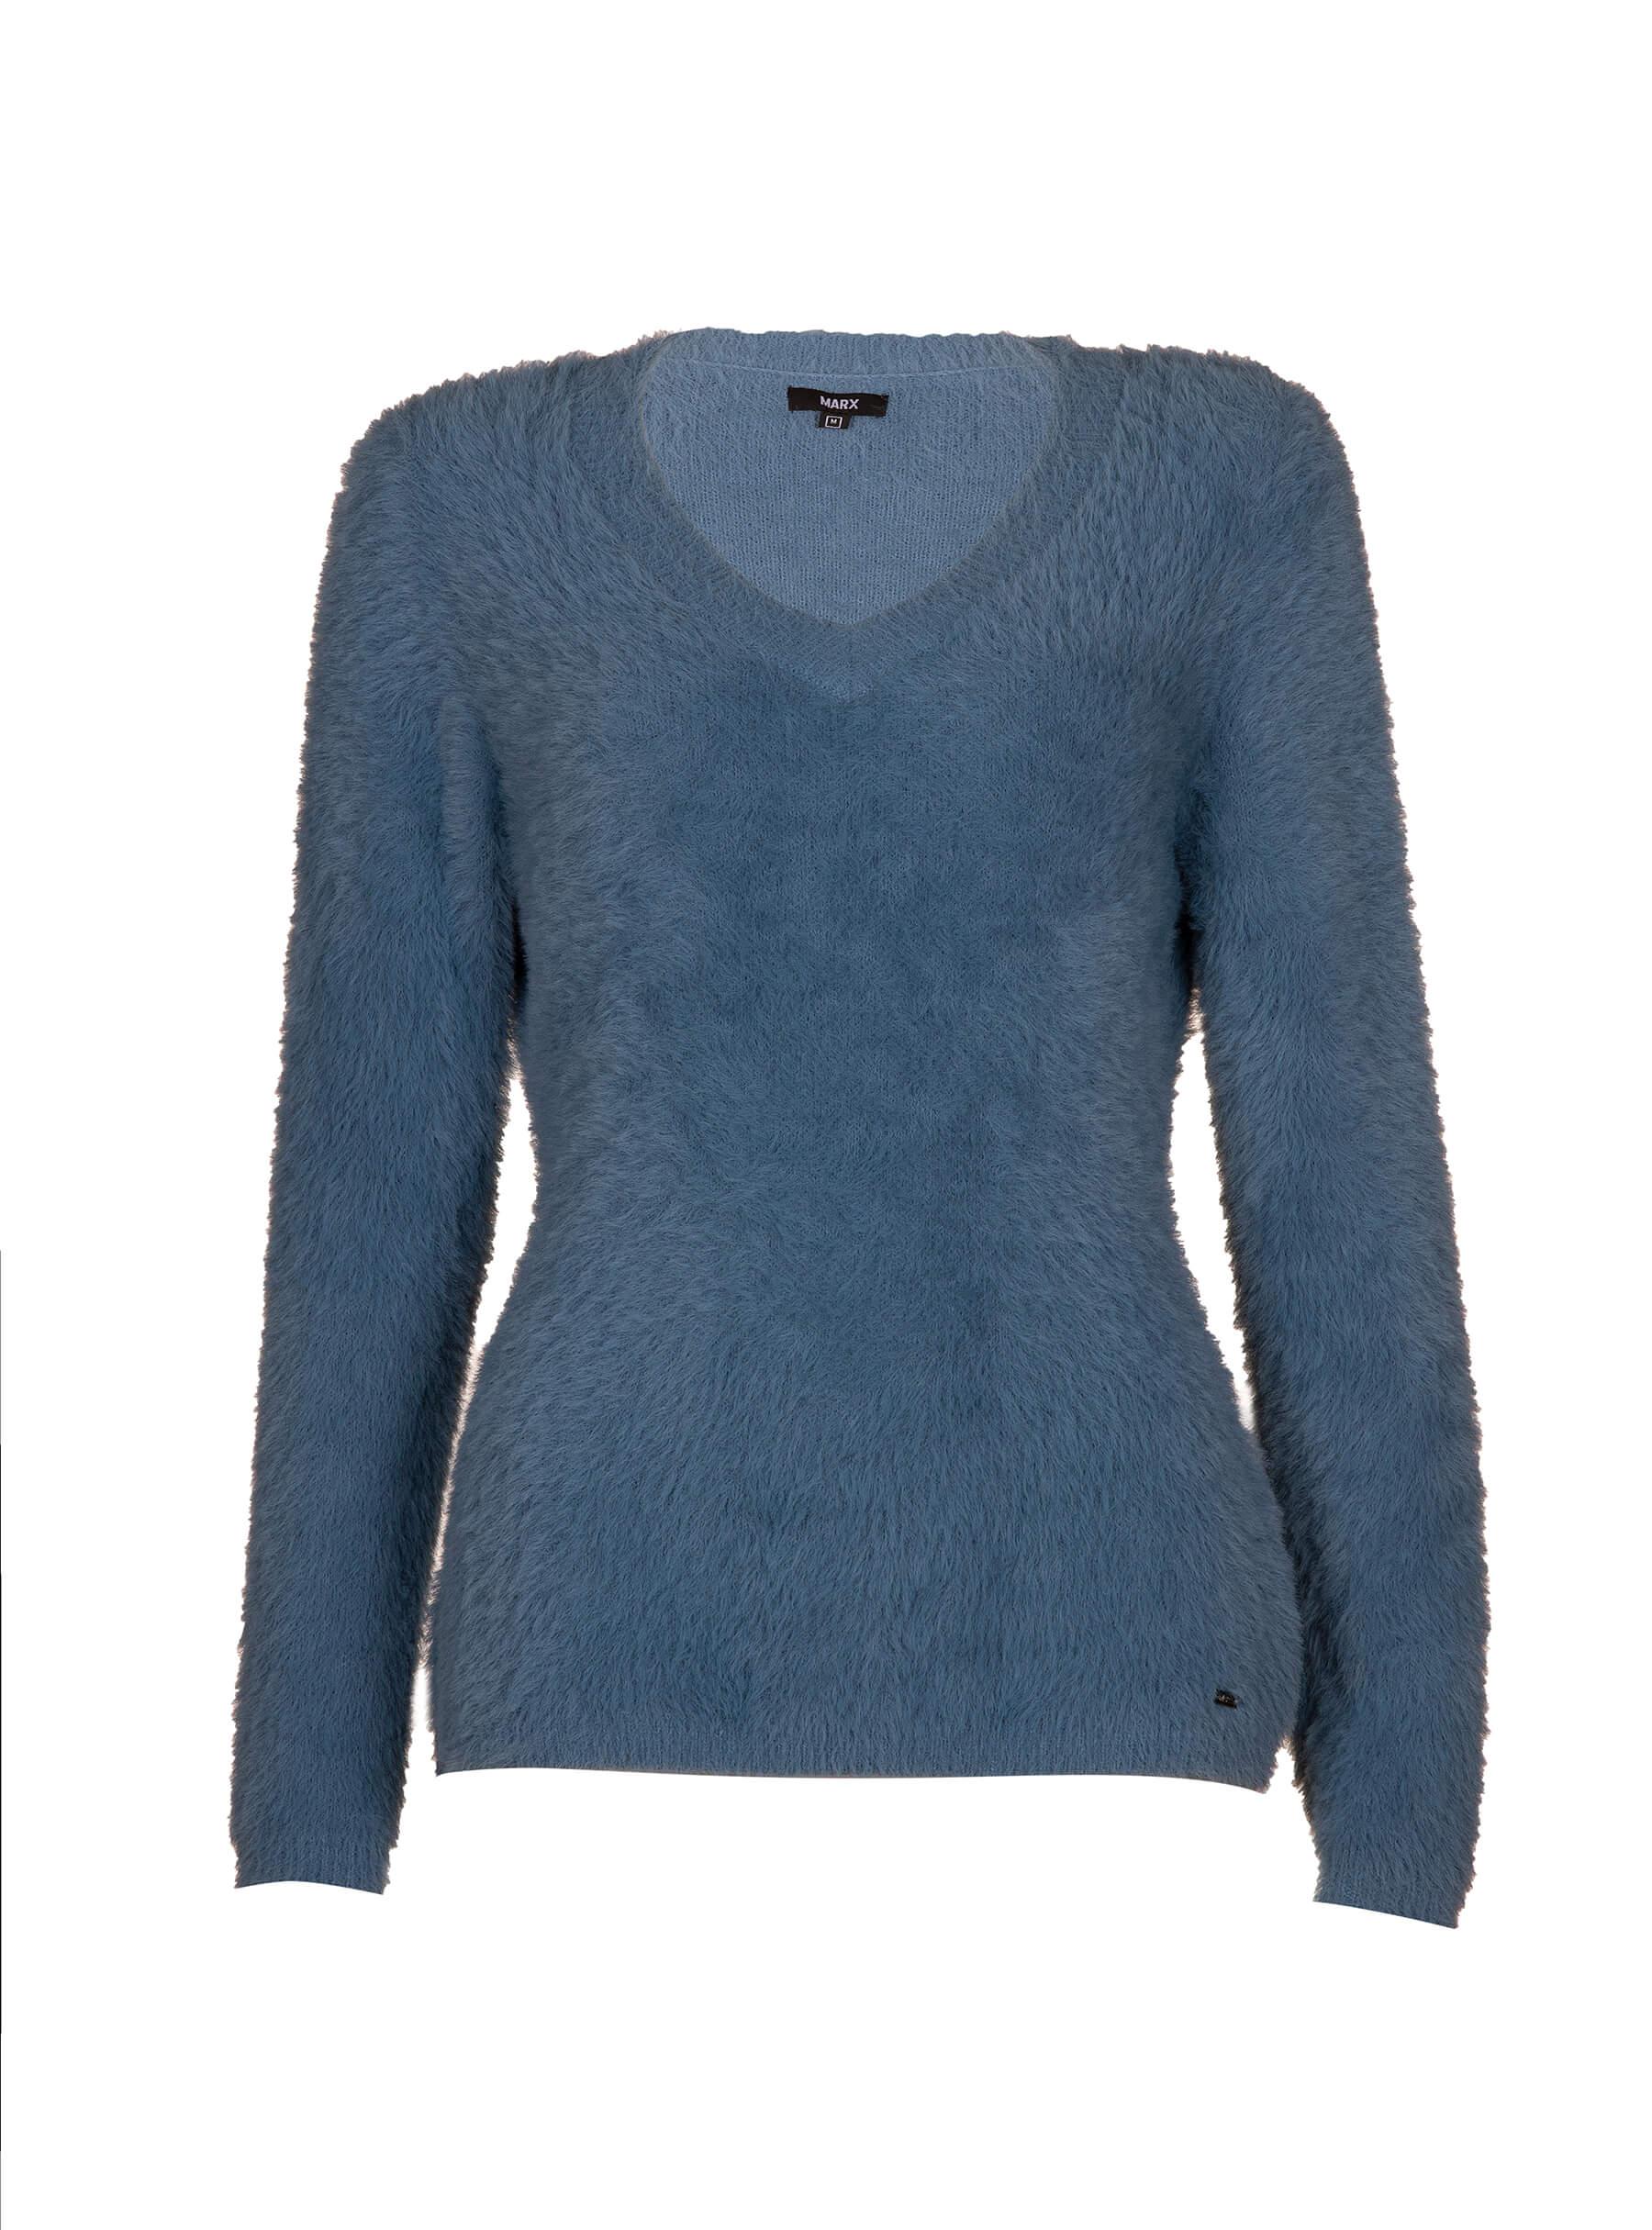 Marx pulover: redovna cijena 319 hrk; -50% popusta